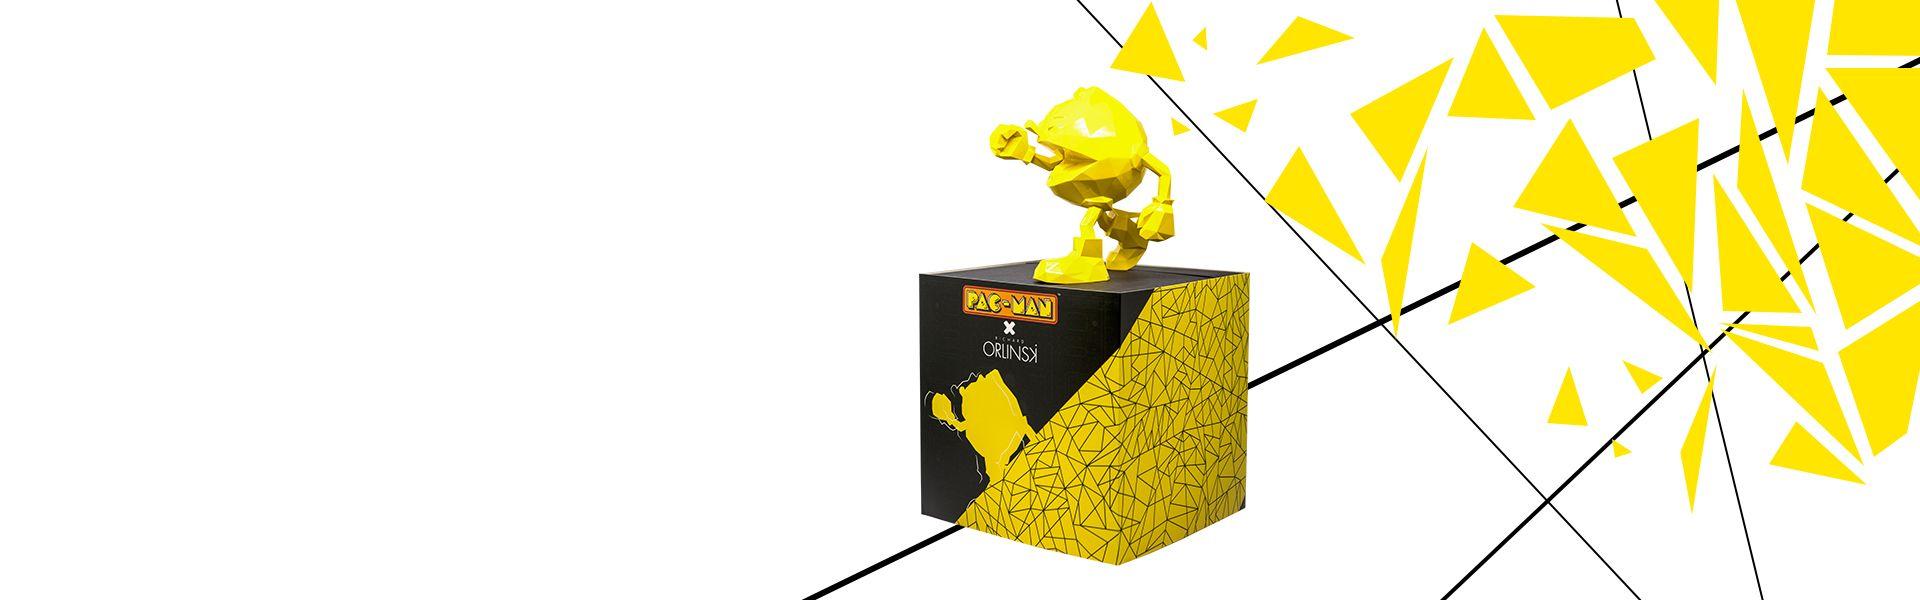 PAC-MAN x Orlinski : The official sculpture